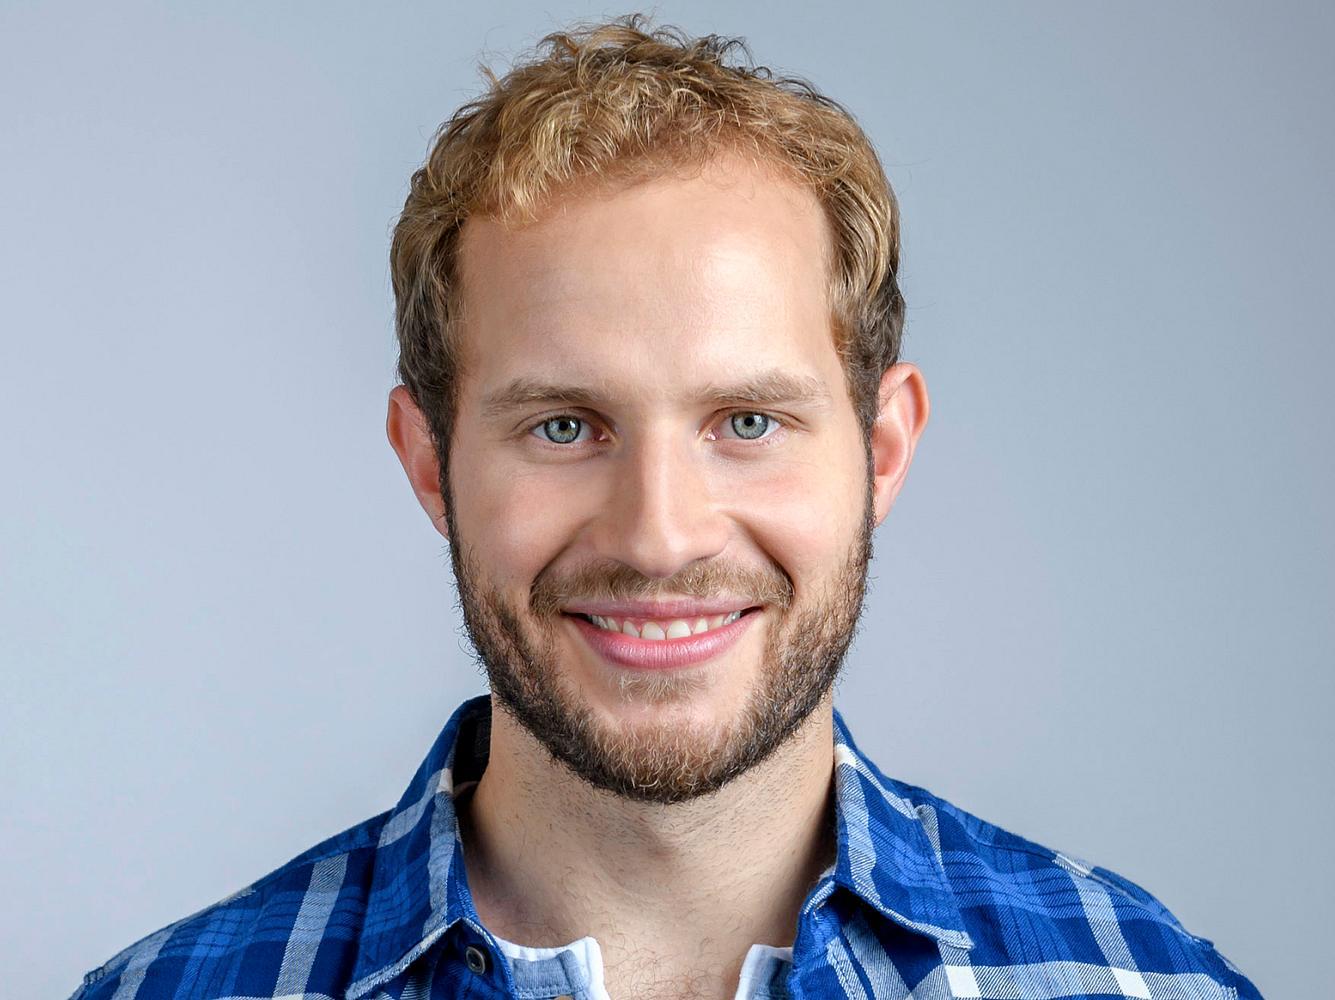 Arne Löber spielt bei 'Sturm der Liebe' den Förster Florian Vogt.